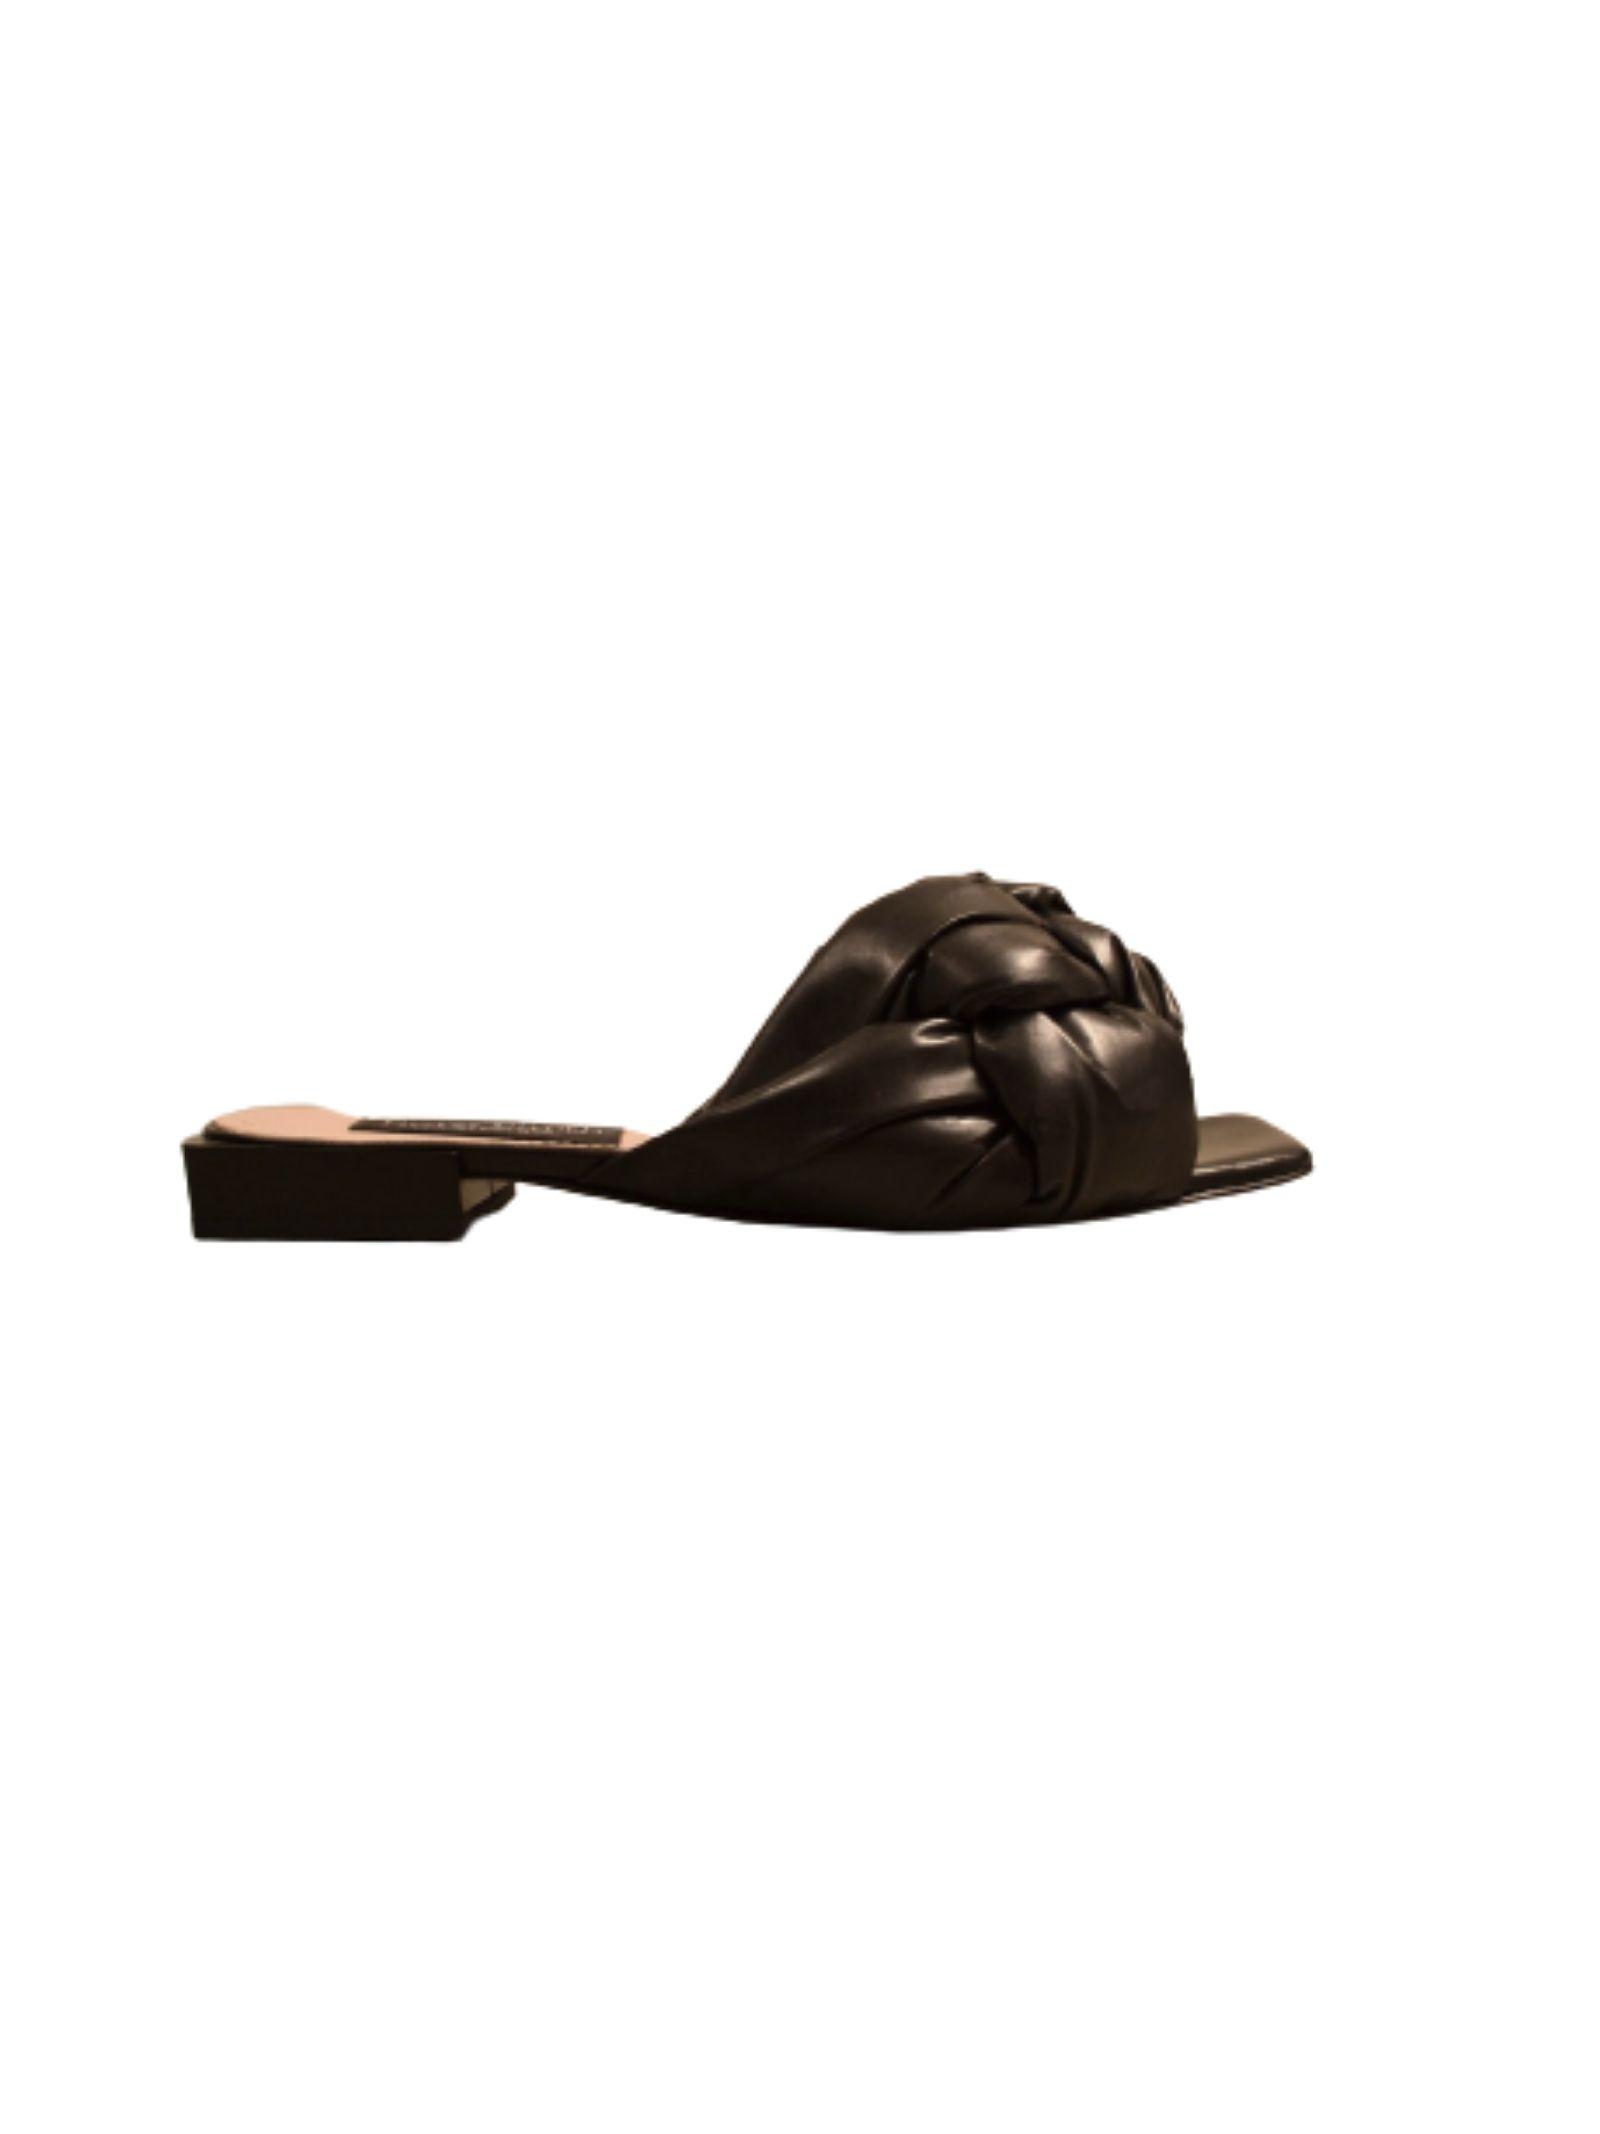 SANDALO IN PELLE INTRECCIATA NORA BARTH   Scarpe   S90930099